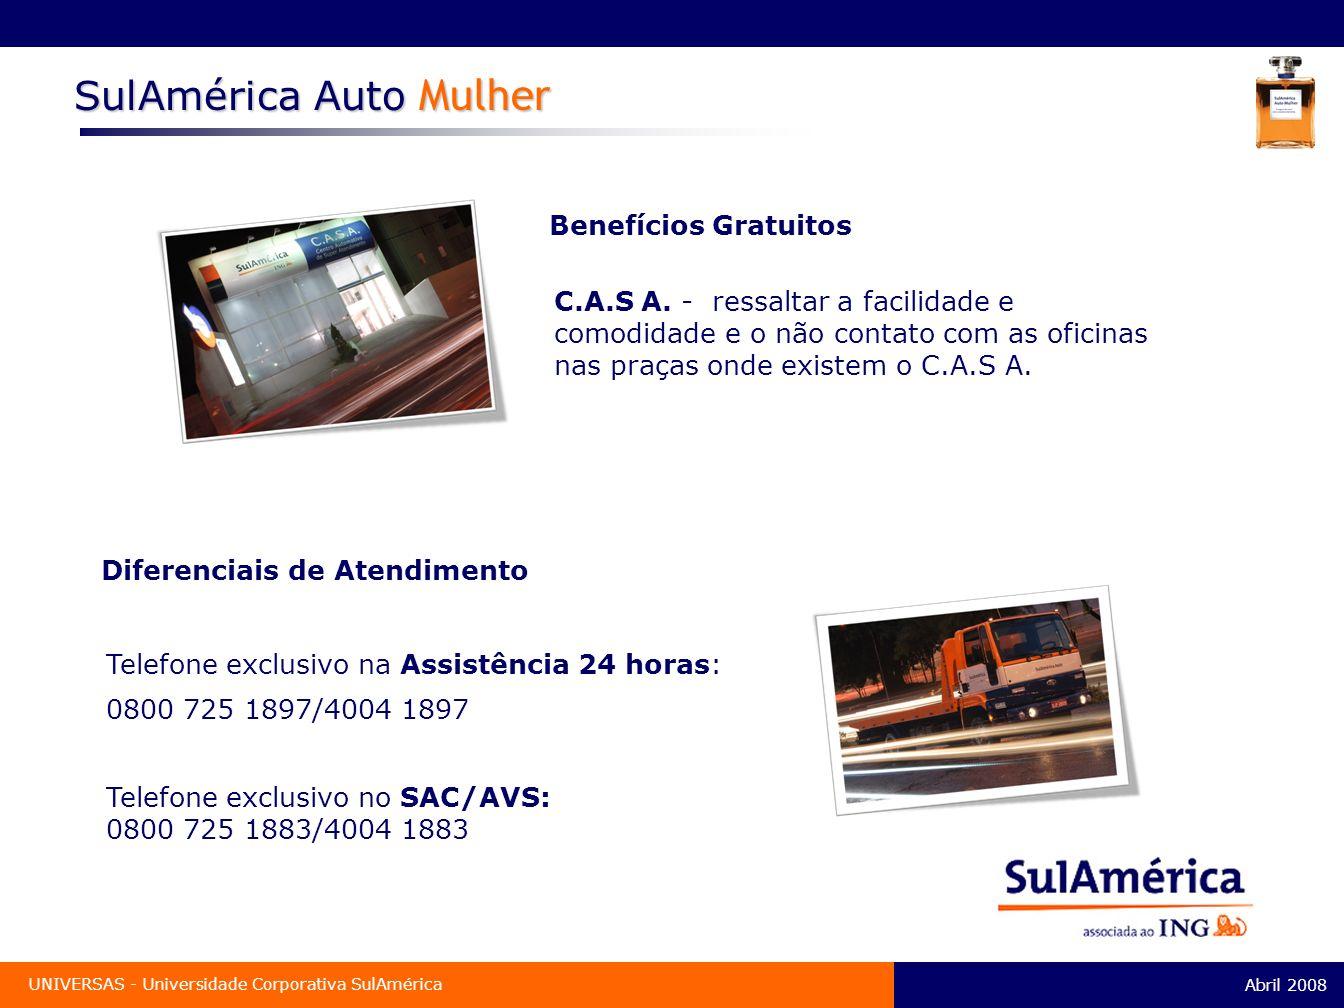 Abril 2008 UNIVERSAS - Universidade Corporativa SulAmérica Benefícios Gratuitos Diferenciais de Atendimento Telefone exclusivo na Assistência 24 horas: 0800 725 1897/4004 1897 SulAmérica Auto Mulher C.A.S A.